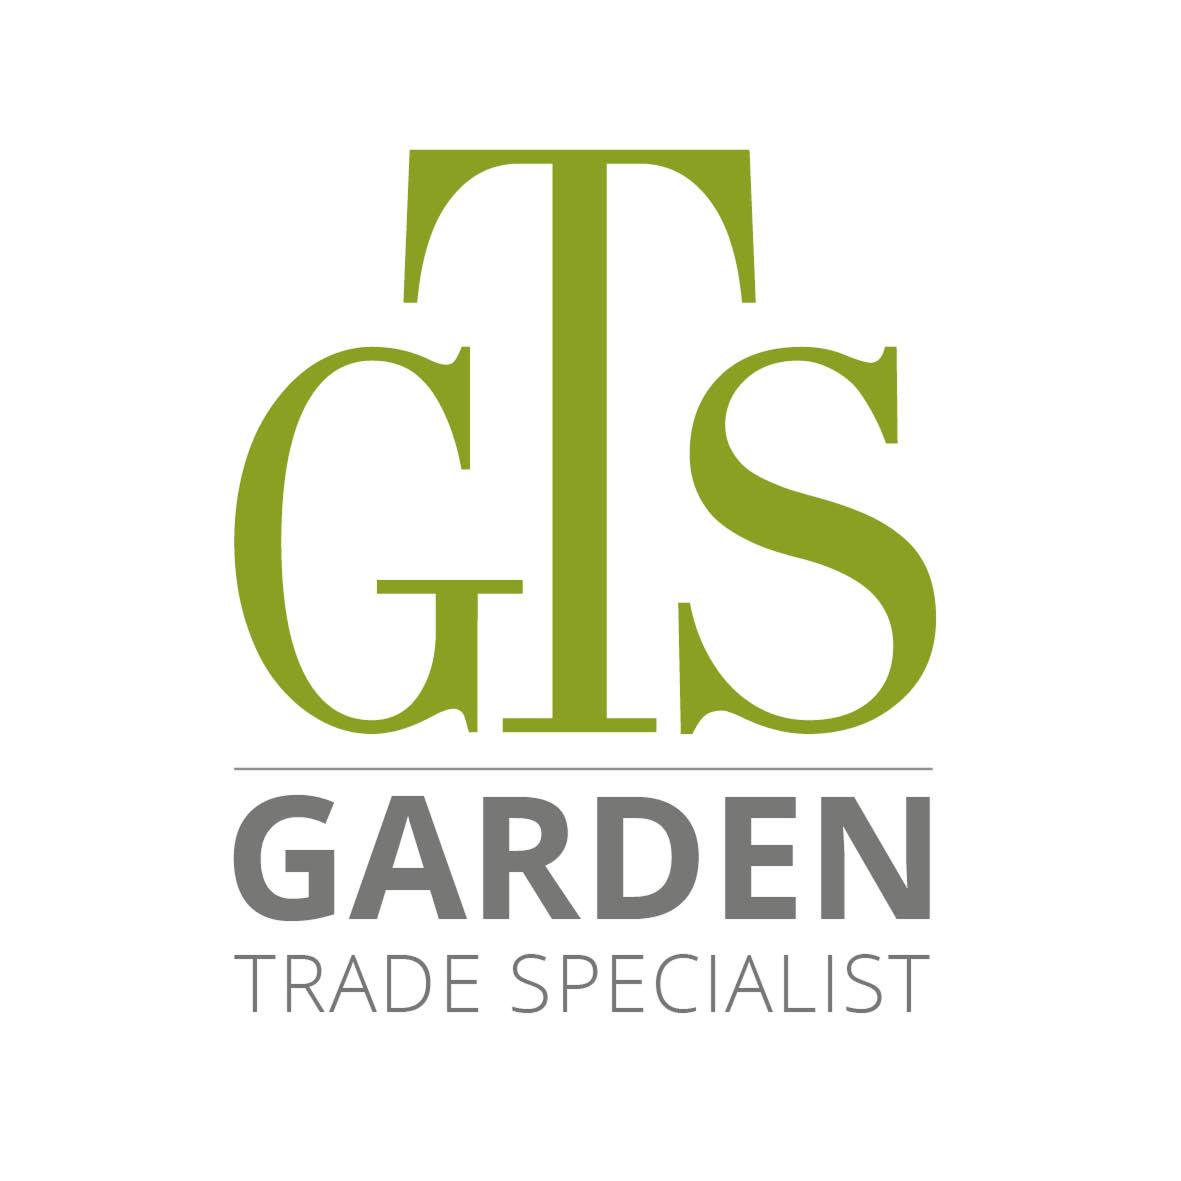 Garden Trade Specialist